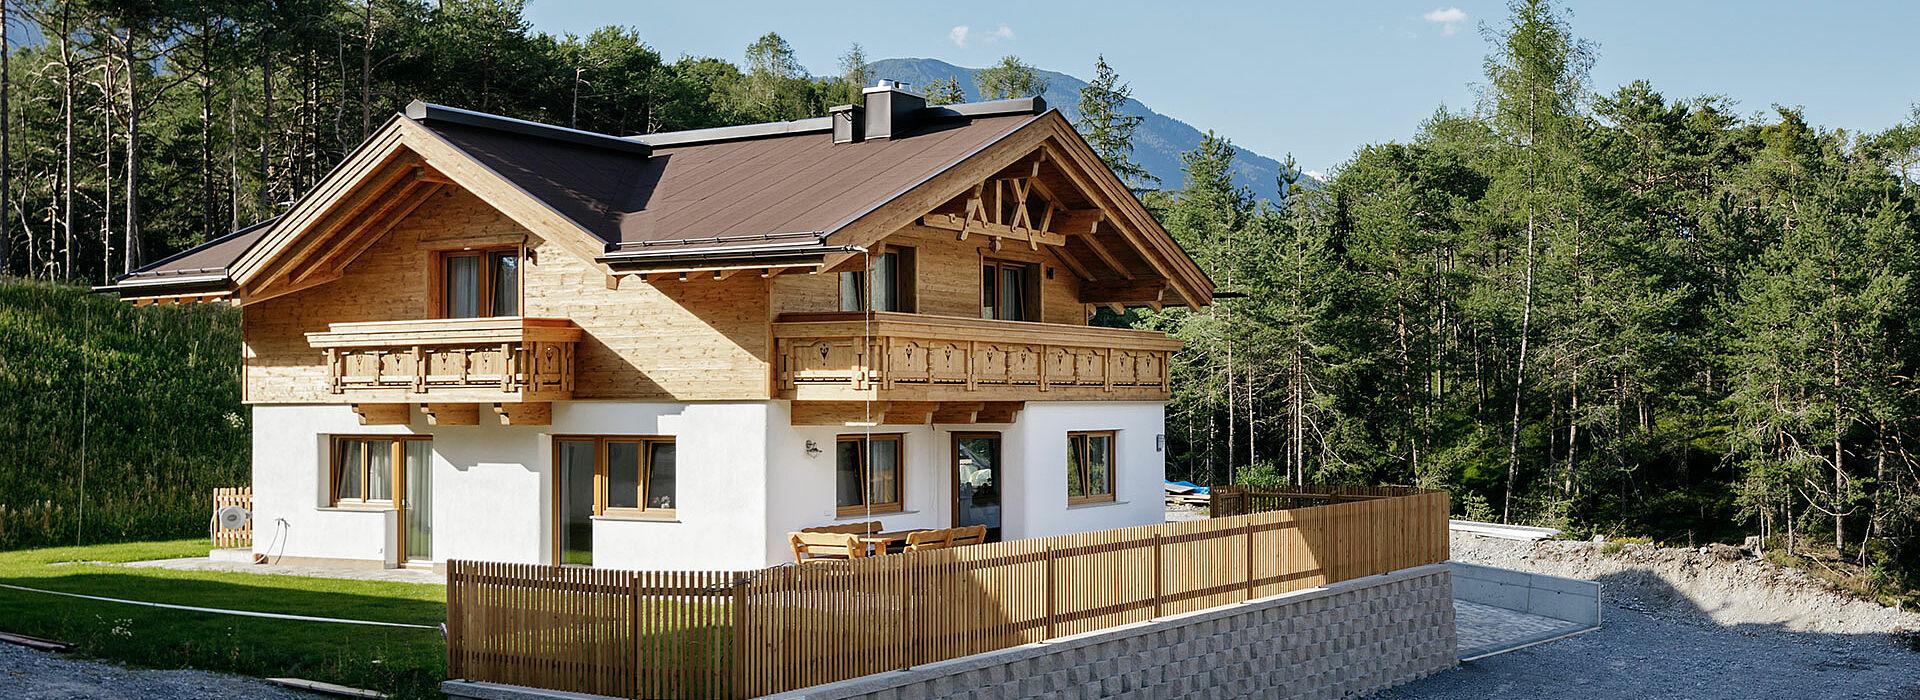 Riegelhaus  – modernste Bautechnik